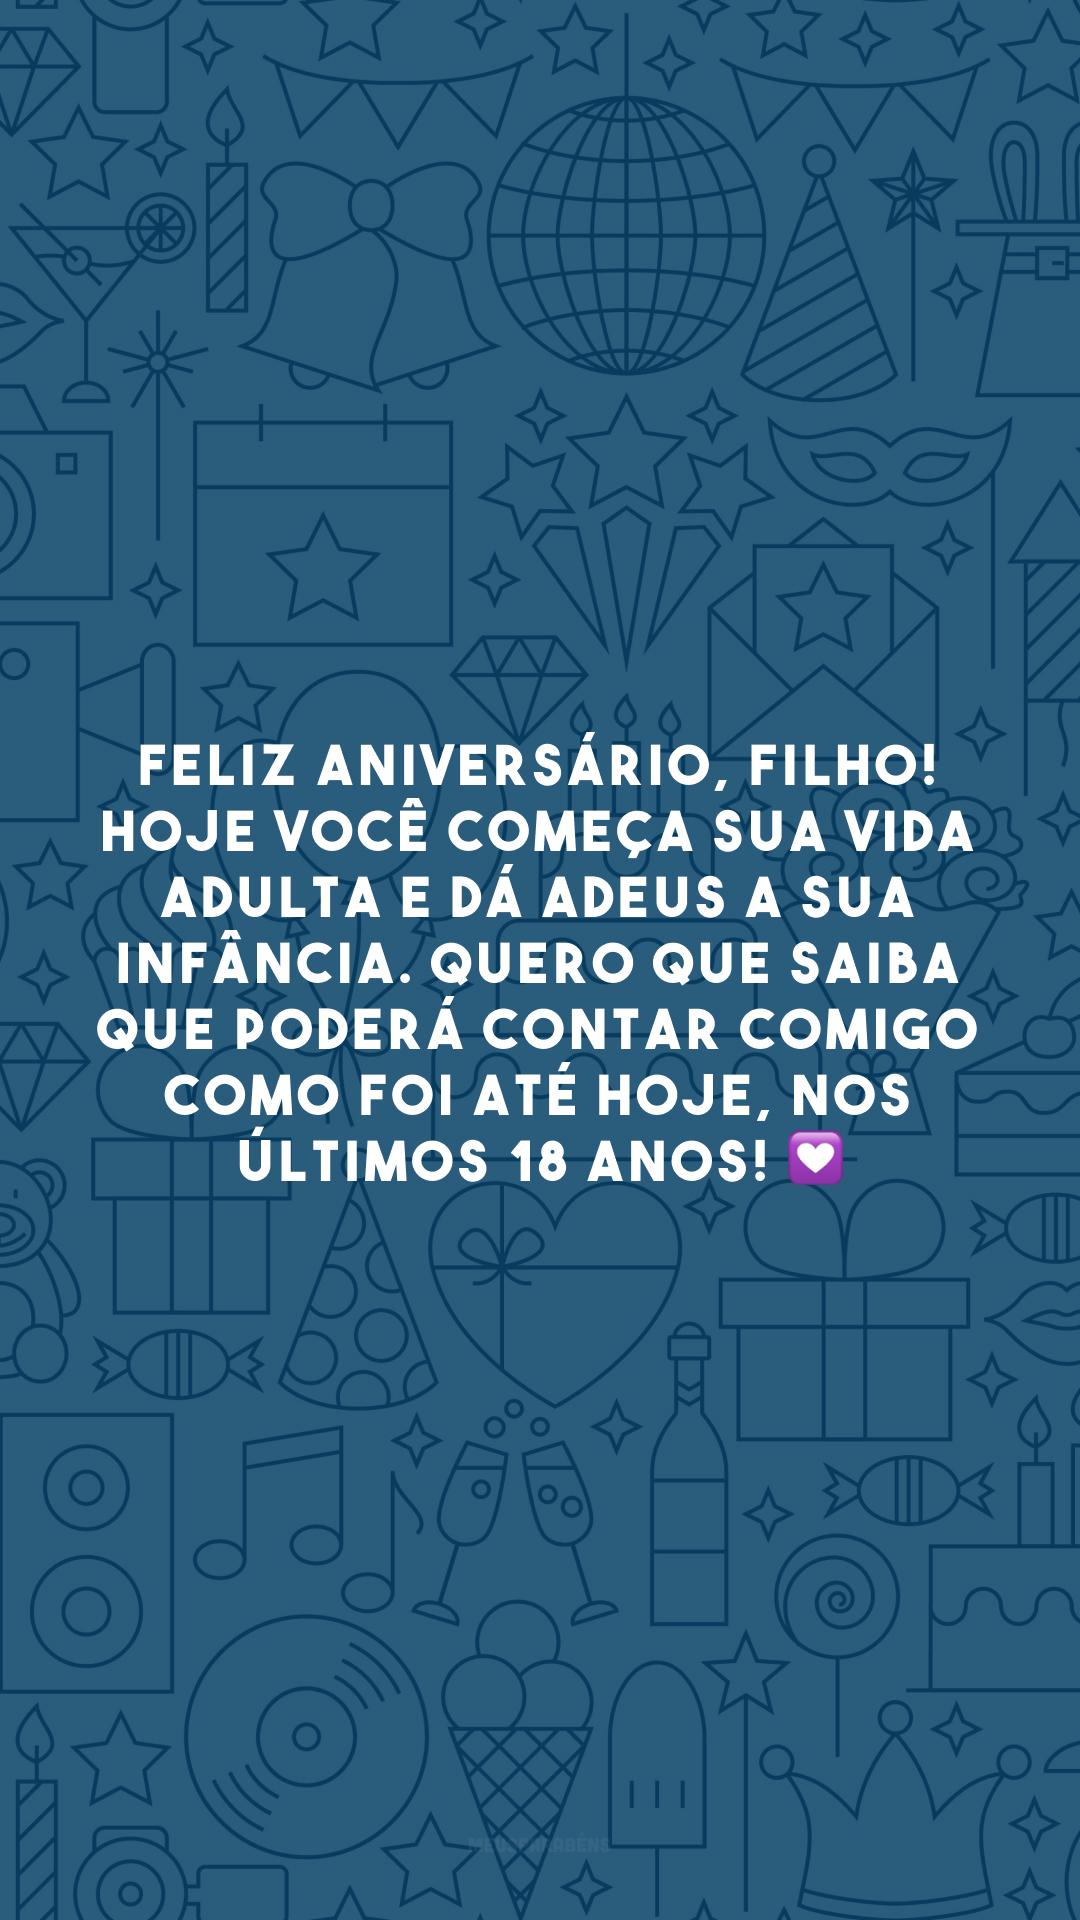 Feliz aniversário, filho! Hoje você começa sua vida adulta e dá adeus a sua infância. Quero que saiba que poderá contar comigo como foi até hoje, nos últimos 18 anos! 💟